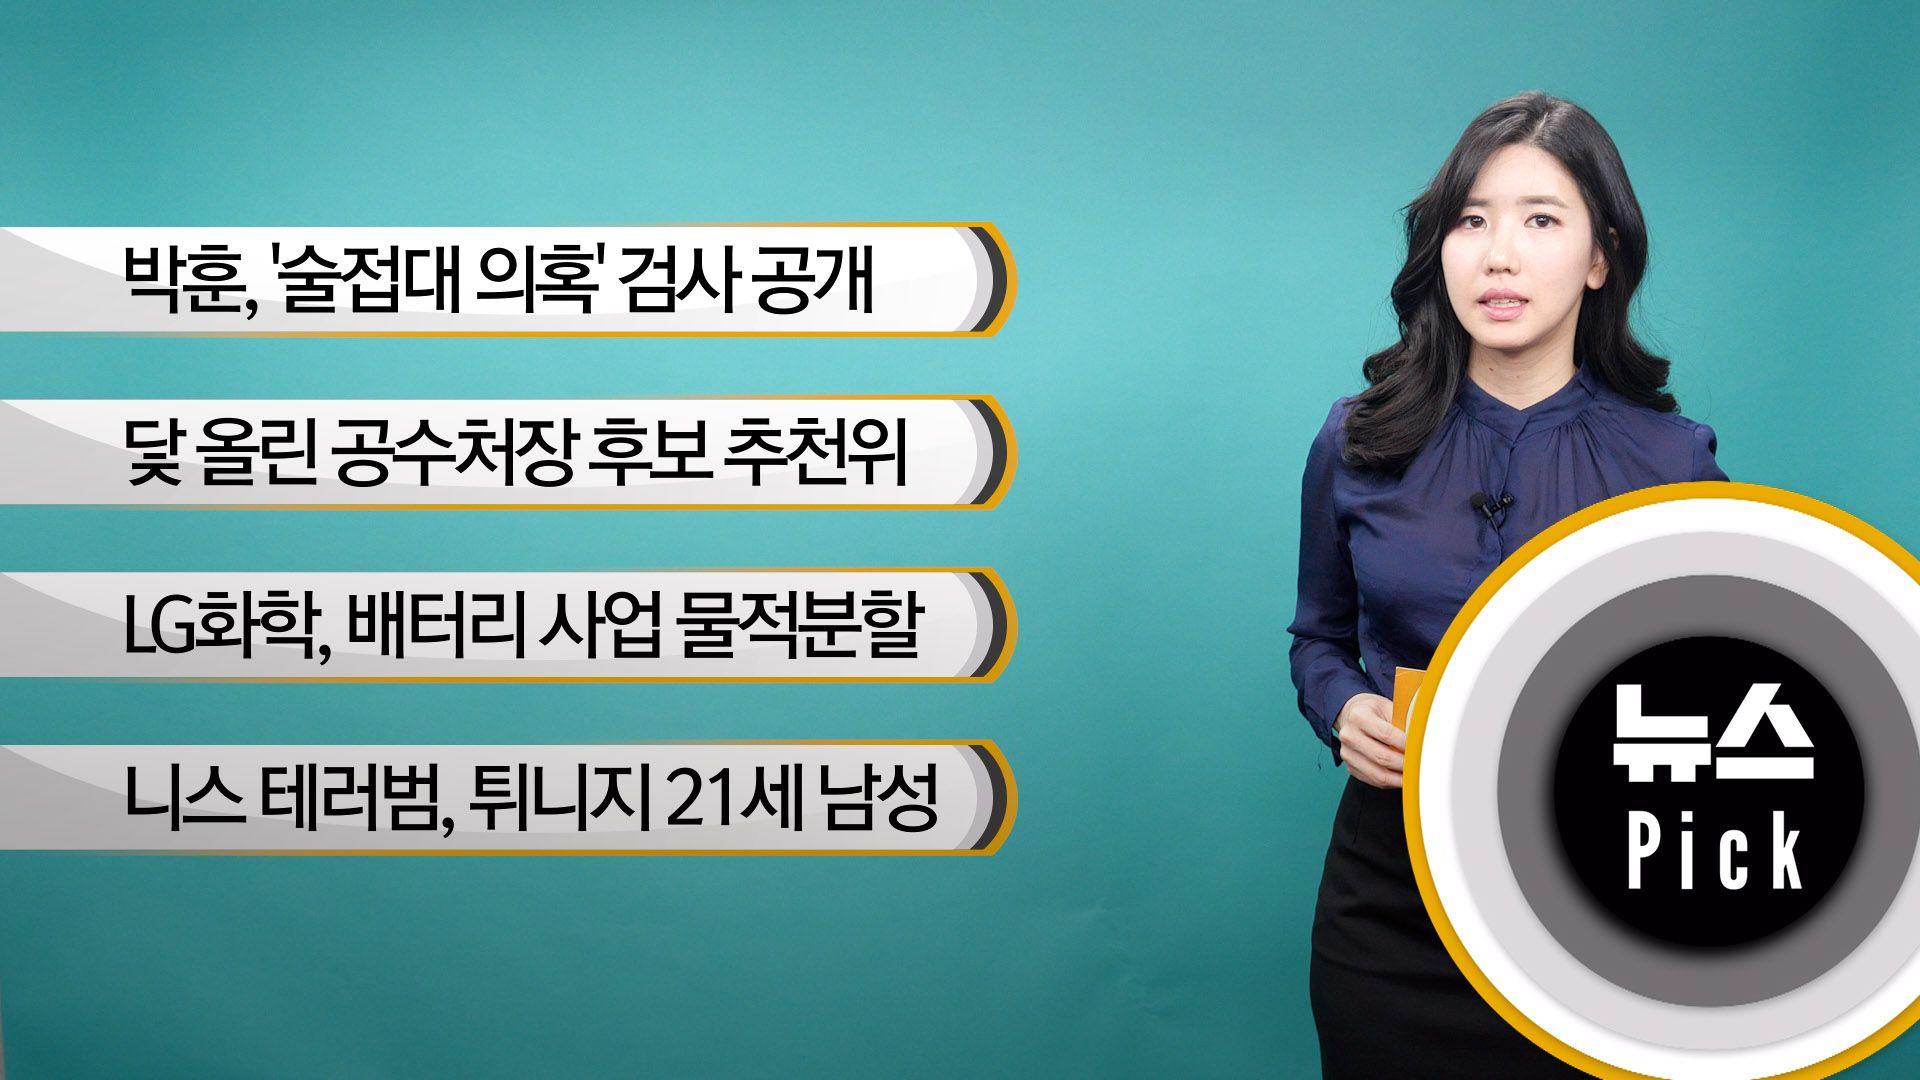 """[뉴스픽] 닻 올린 공수처장 후보 추천위…박병석 """"두 머리 다투면 새가 죽는다"""""""